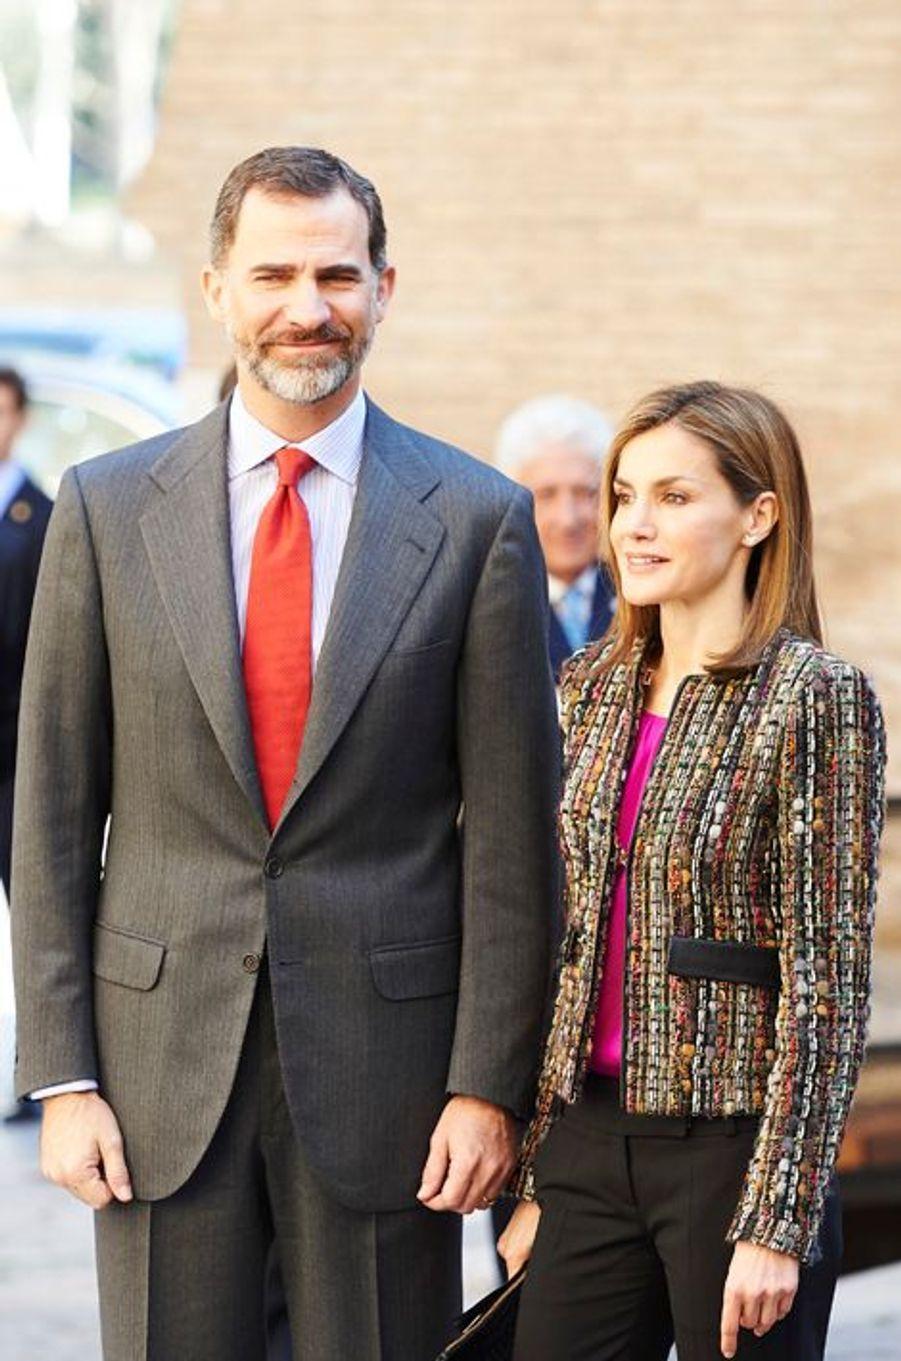 Le roi Felipe VI et la reine Letizia d'Espagne à Saragosse, le 10 mars 2015